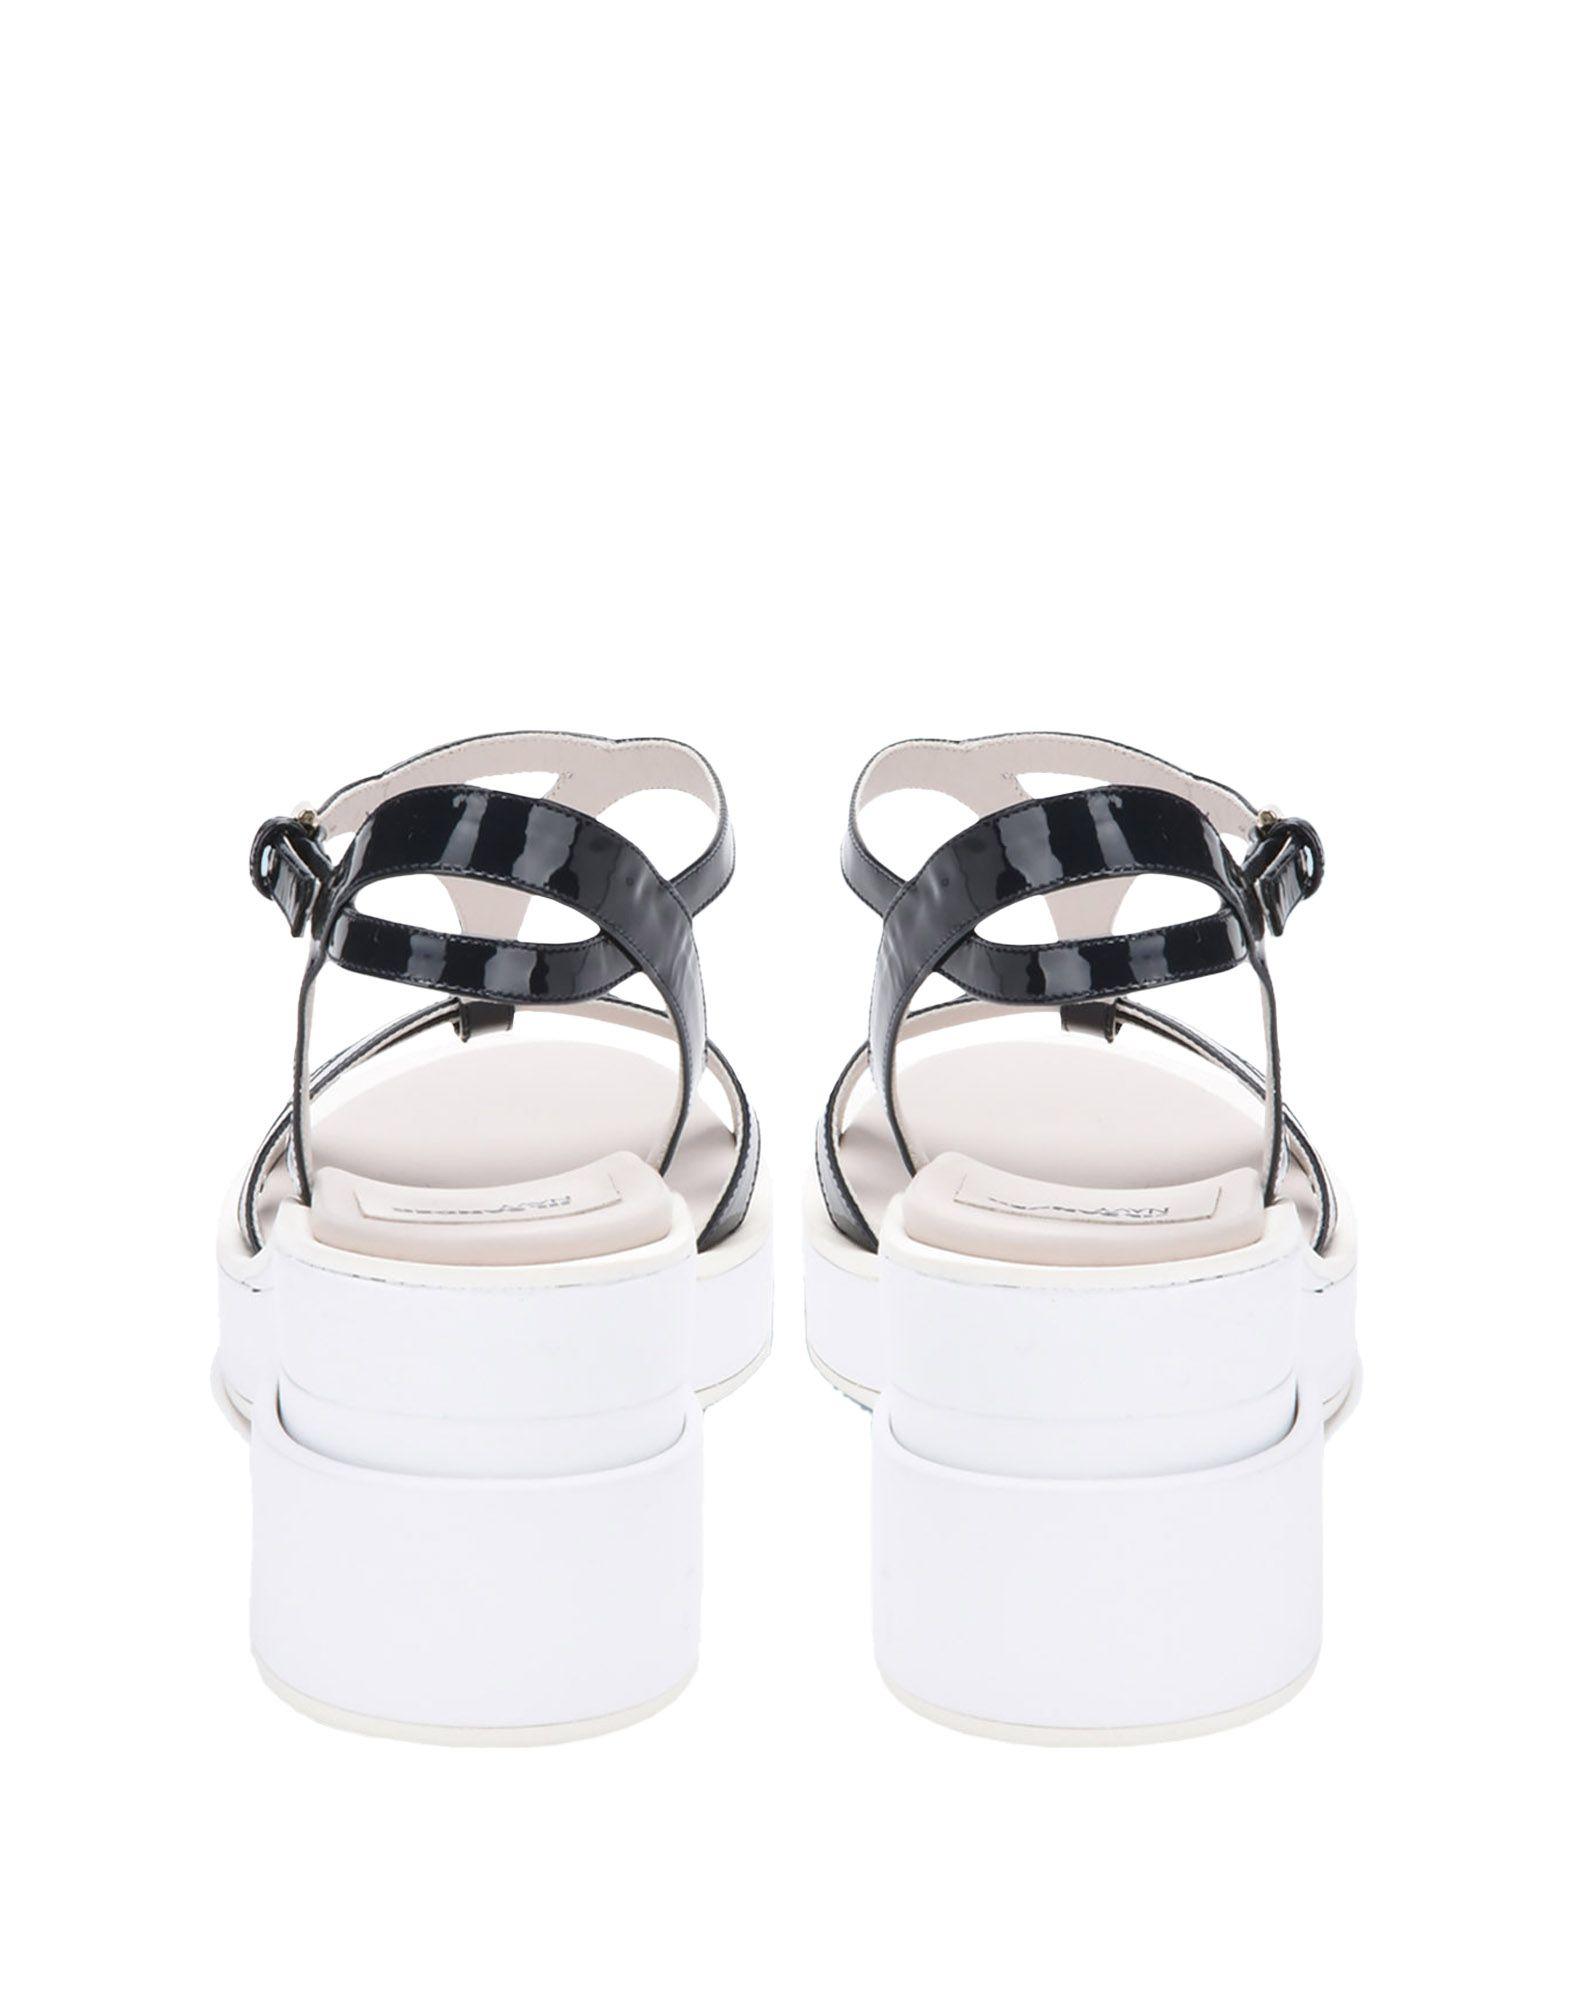 Jil Gute Sander Navy Sandalen Damen  11435251CG Gute Jil Qualität beliebte Schuhe 403889